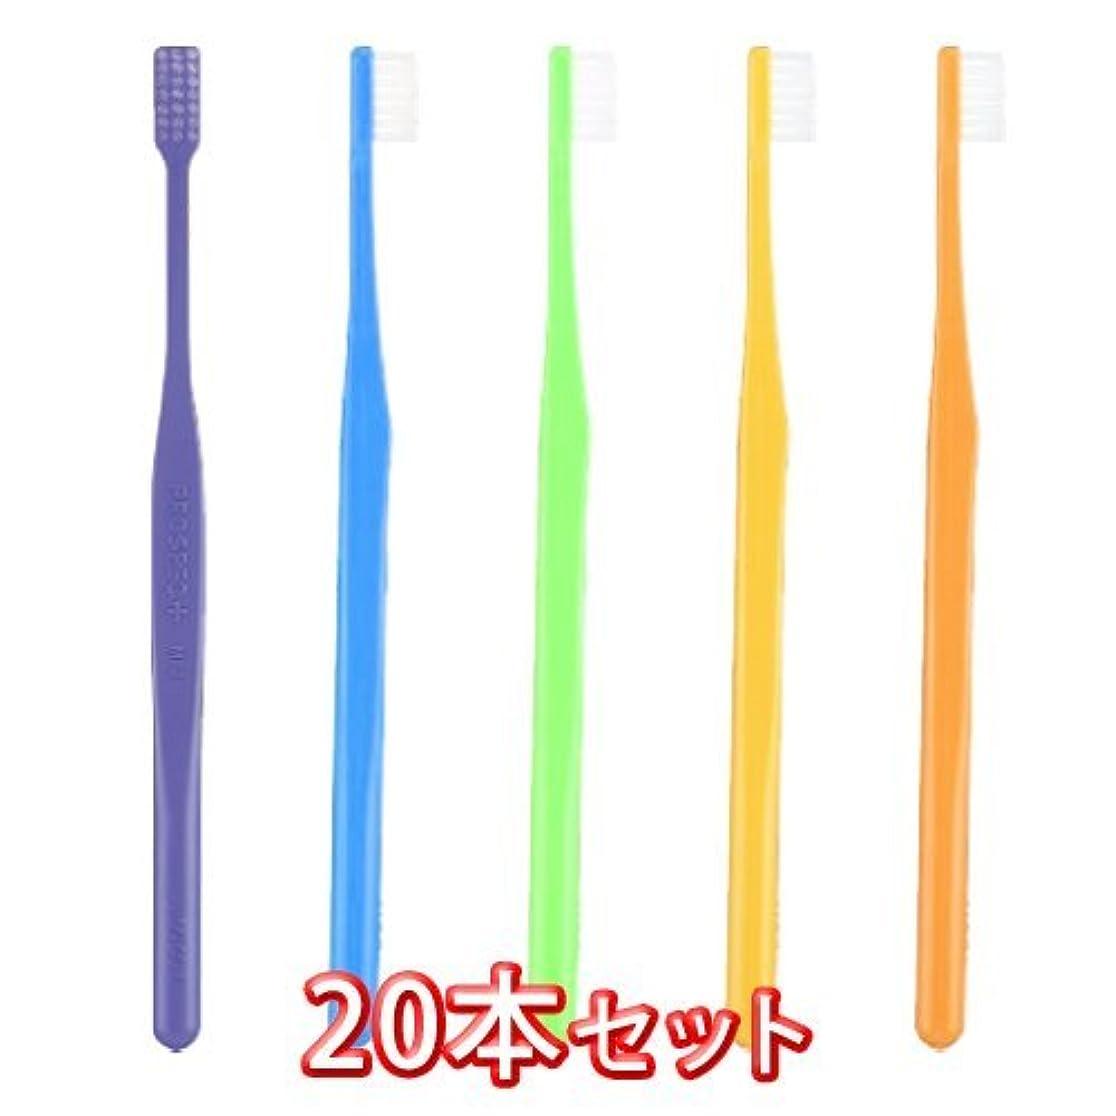 パラメータ手当腰プロスペック プラス ミニ歯ブラシ 20本入